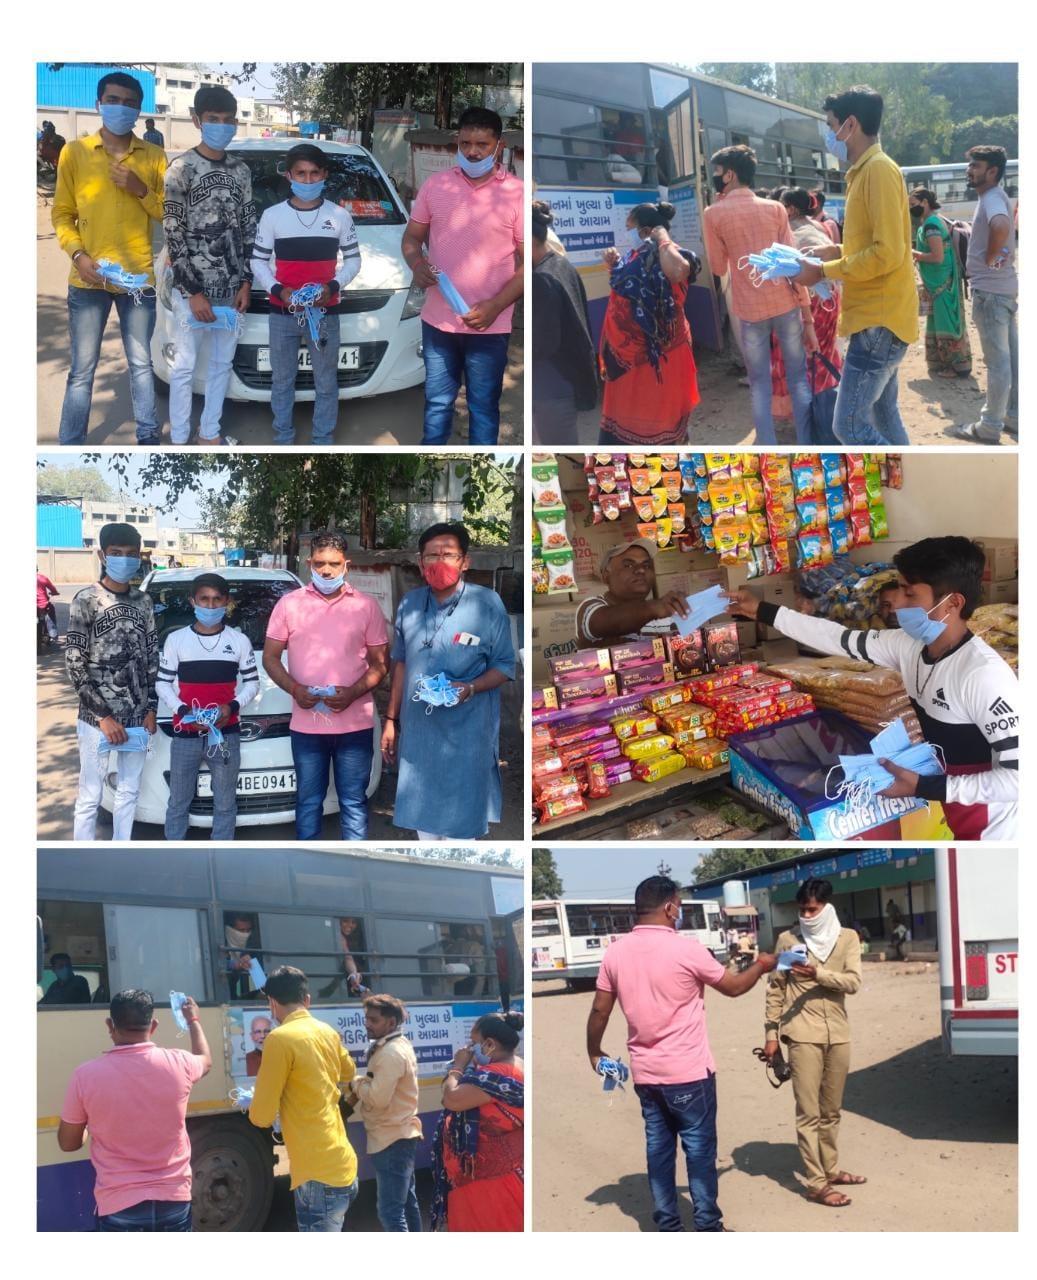 Bhavnagar-ભાવનગર શહેરમાં યુવા સેના દ્વારા 9000 માસ્ક નું ફ્રી માં વિતરણ કરવામાં આવ્યુ.